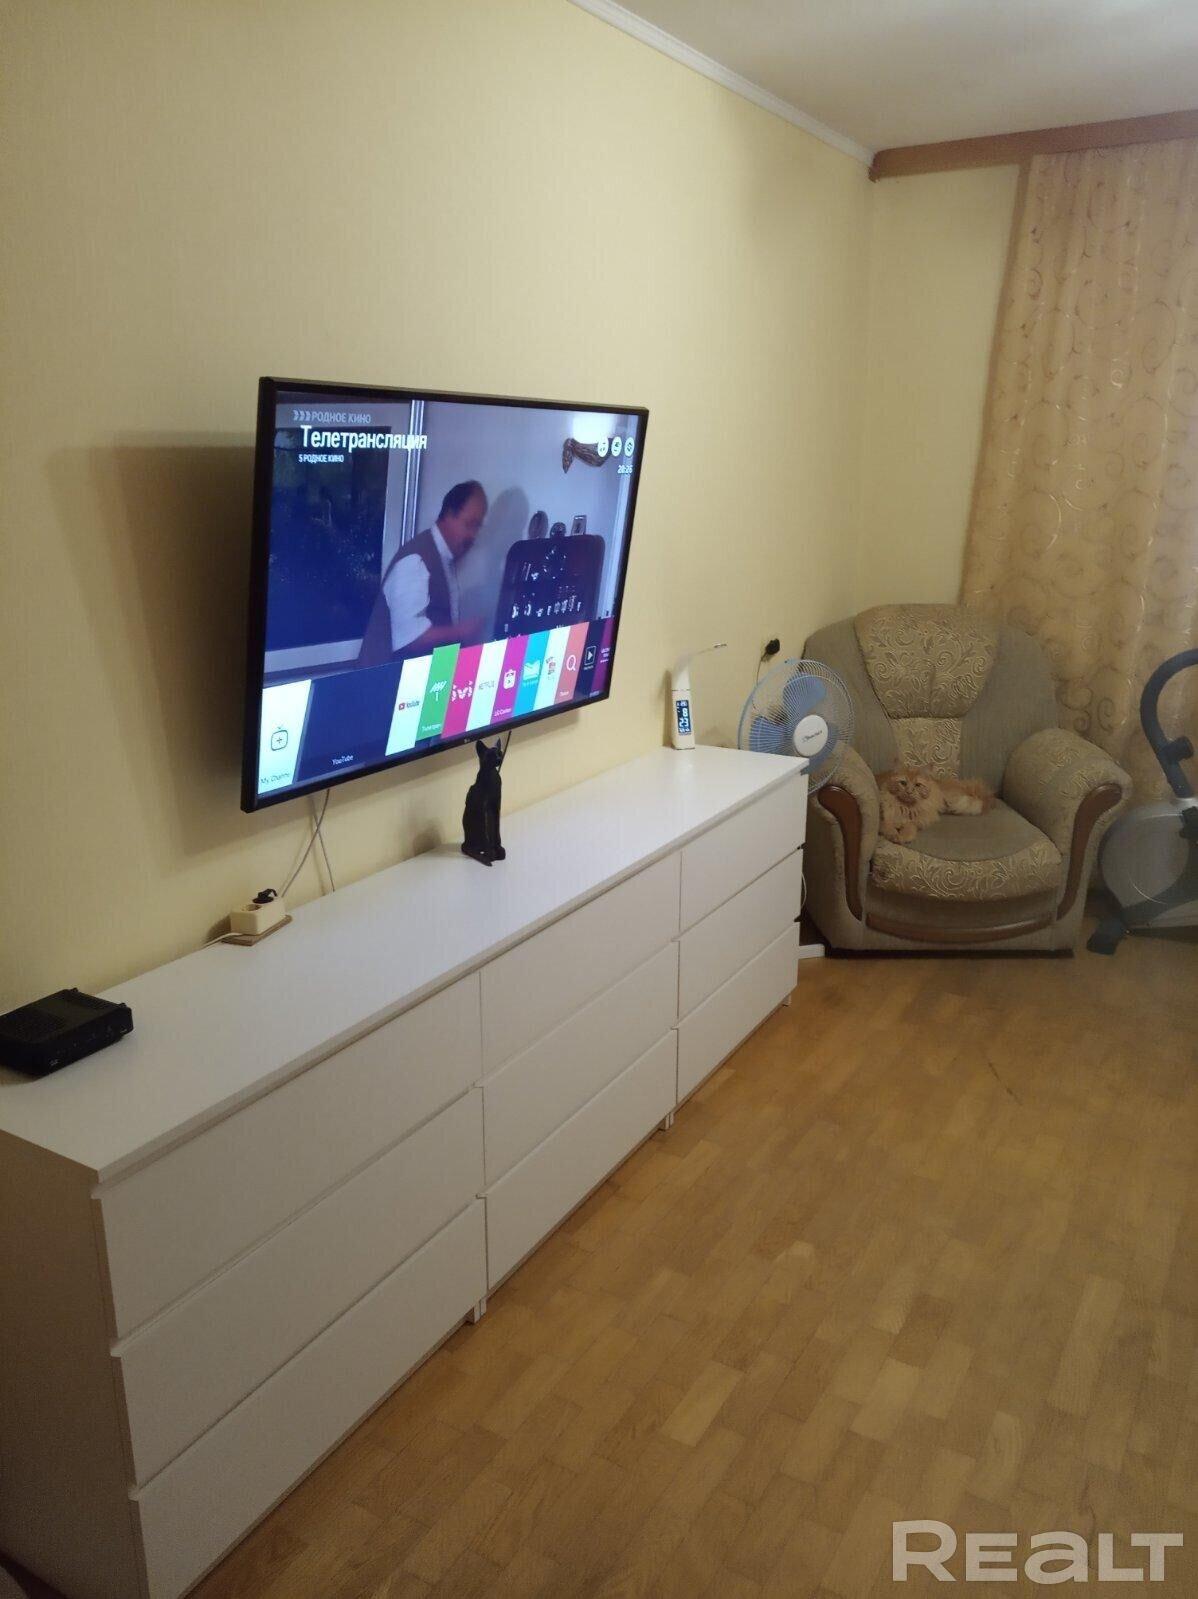 Продажа 3-х комнатной квартиры в г. Минске, ул. Бурдейного, дом 59 (р-н Запад, Красный Бор)